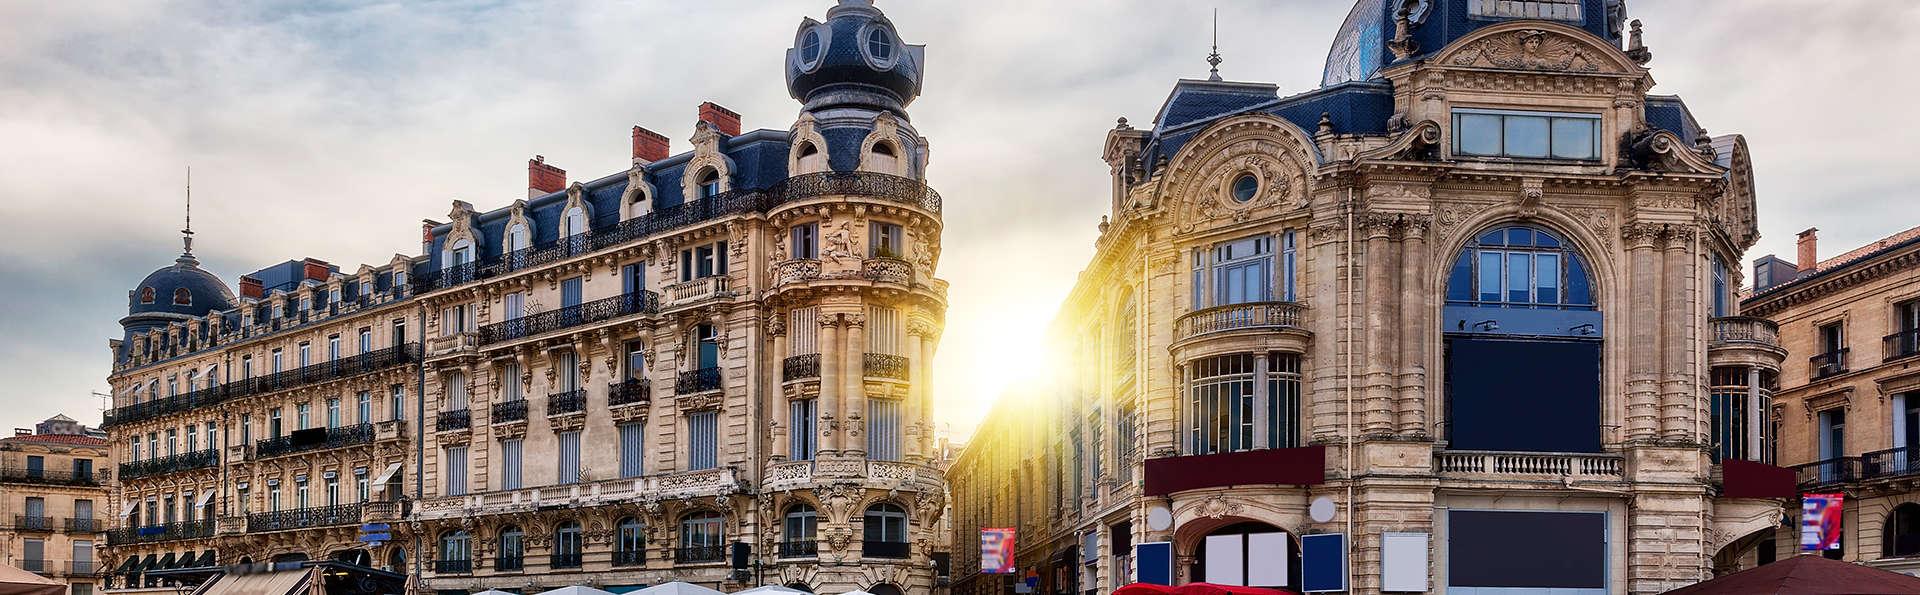 Hôtel Kyriad Montpellier Sud - Edit_Montpellier2.jpg